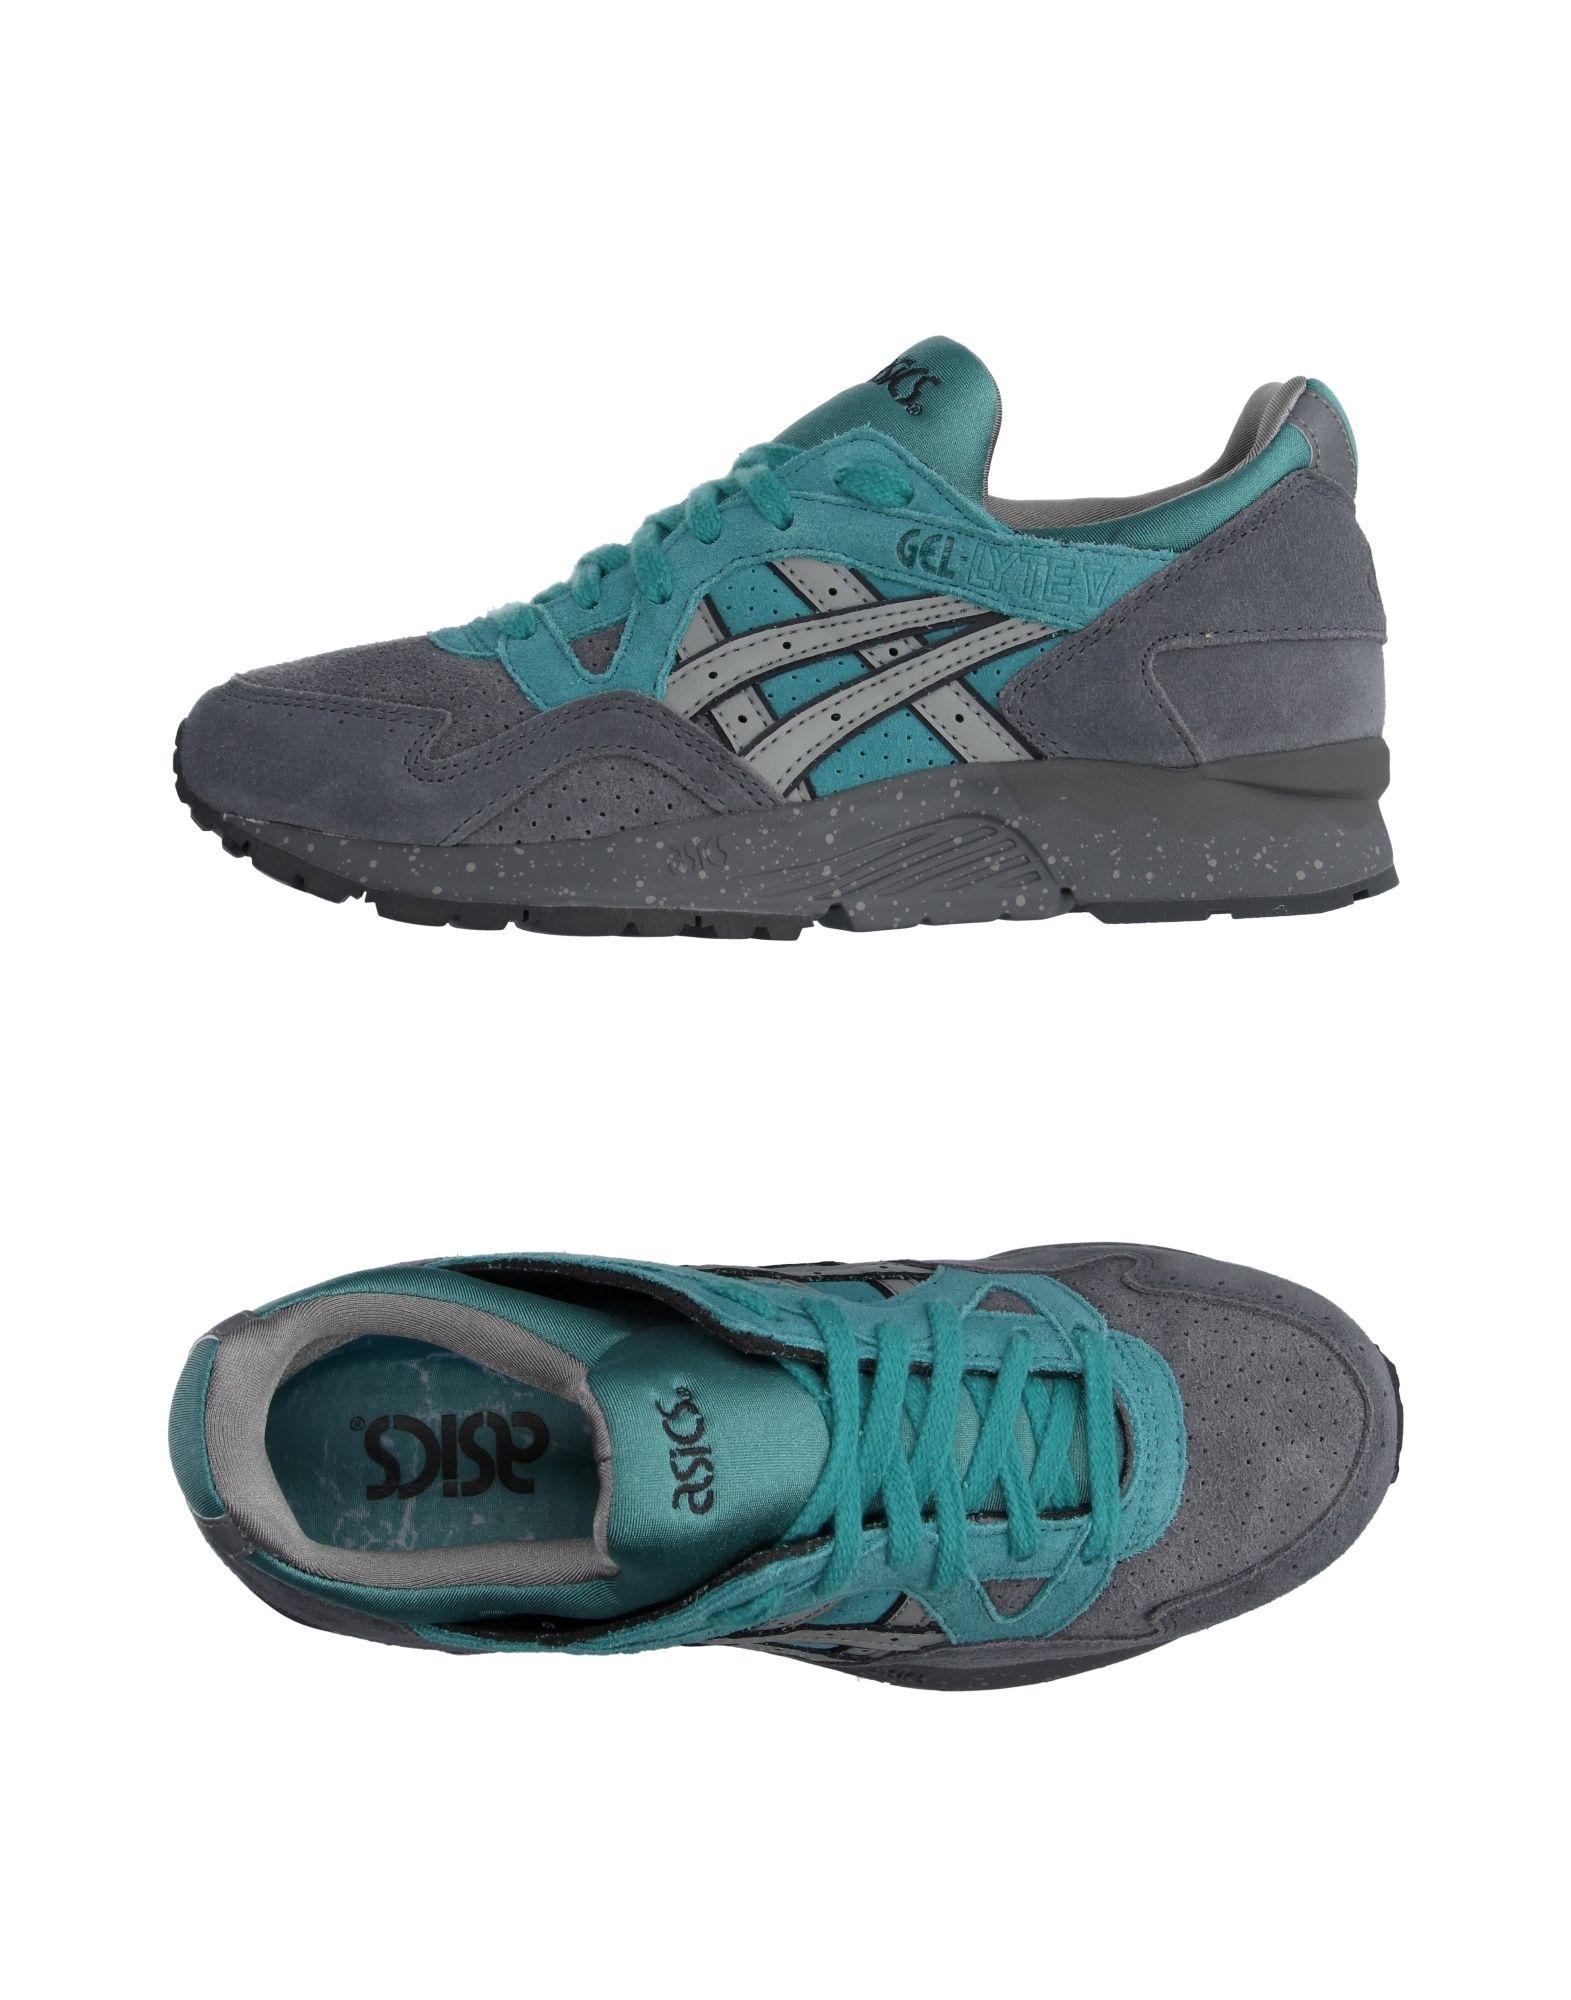 Rabatt echte Schuhe Asics Sneakers Herren  11053983GN